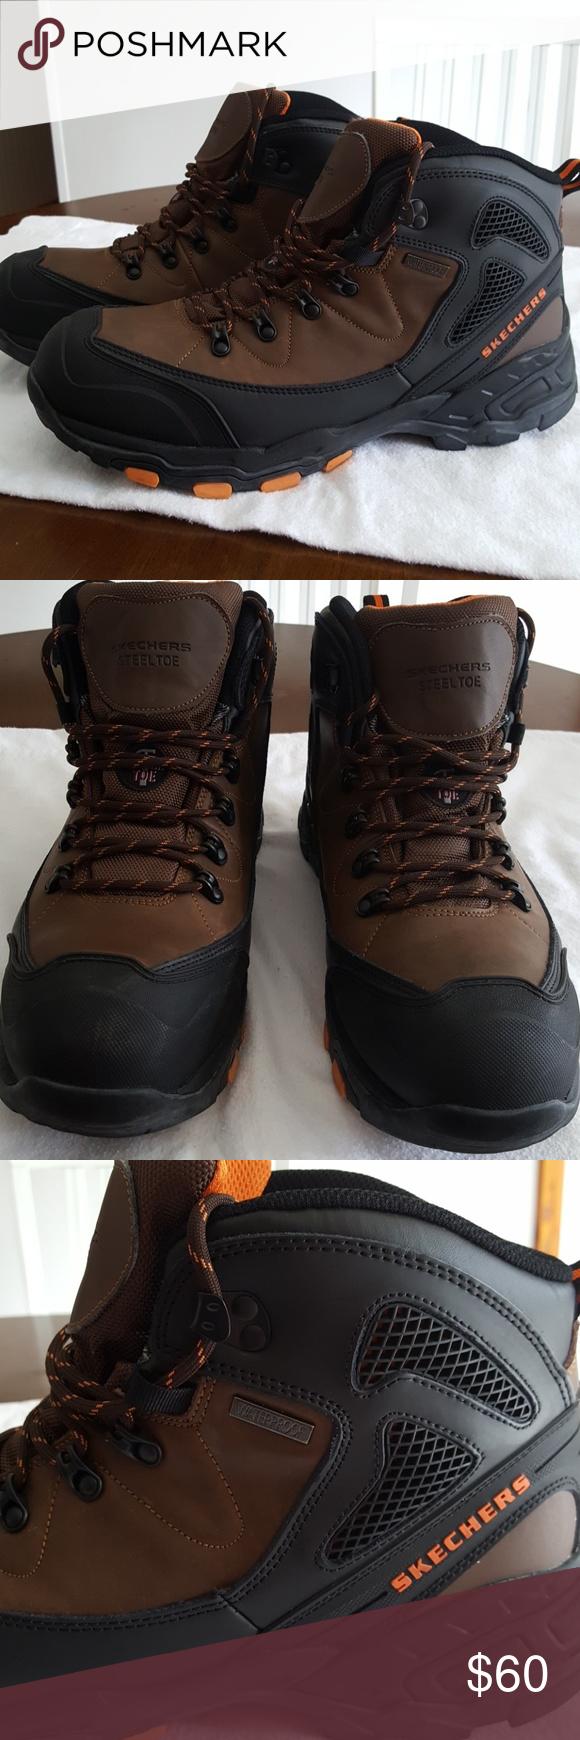 5a4c813dfade3 Sketchers SteelToe, Waterproof, Boot Size 14 Wide Sketchers Steel Toe,  Waterproof, Relaxed Fit, Gel Infused, Memory Foam, Wide Width Skechers  Shoes Boots